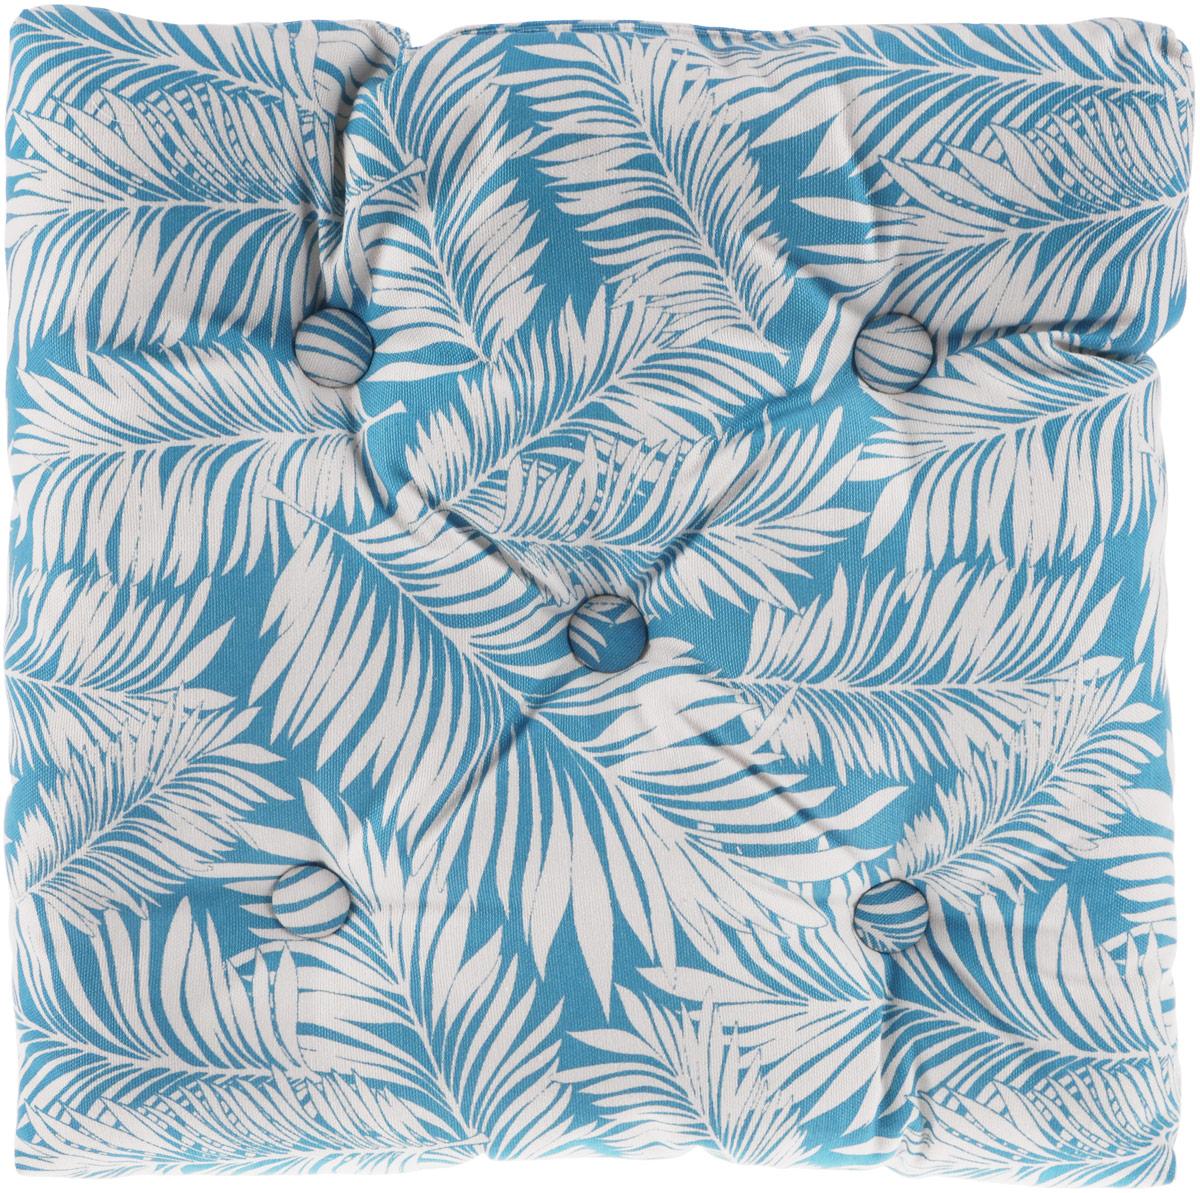 Подушка на стул KauffOrt Лазурный берег, цвет: голубой, белый, 40 x 40 см3121262140Подушка на стул KauffOrt Лазурный берег не только красиво дополнит интерьер кухни, но и обеспечит комфорт при сидении. Чехол выполнен из хлопка и полиэстера, а наполнитель из холлофайбера. Подушка легко крепится на стул с помощью завязок. Правильно сидеть - значит сохранить здоровье на долгие годы. Жесткие сидения подвергают наше здоровье опасности. Подушка с мягким наполнителем поможет предотвратить большинство нежелательных последствий сидячего образа жизни.Толщина подушки: 10 см.